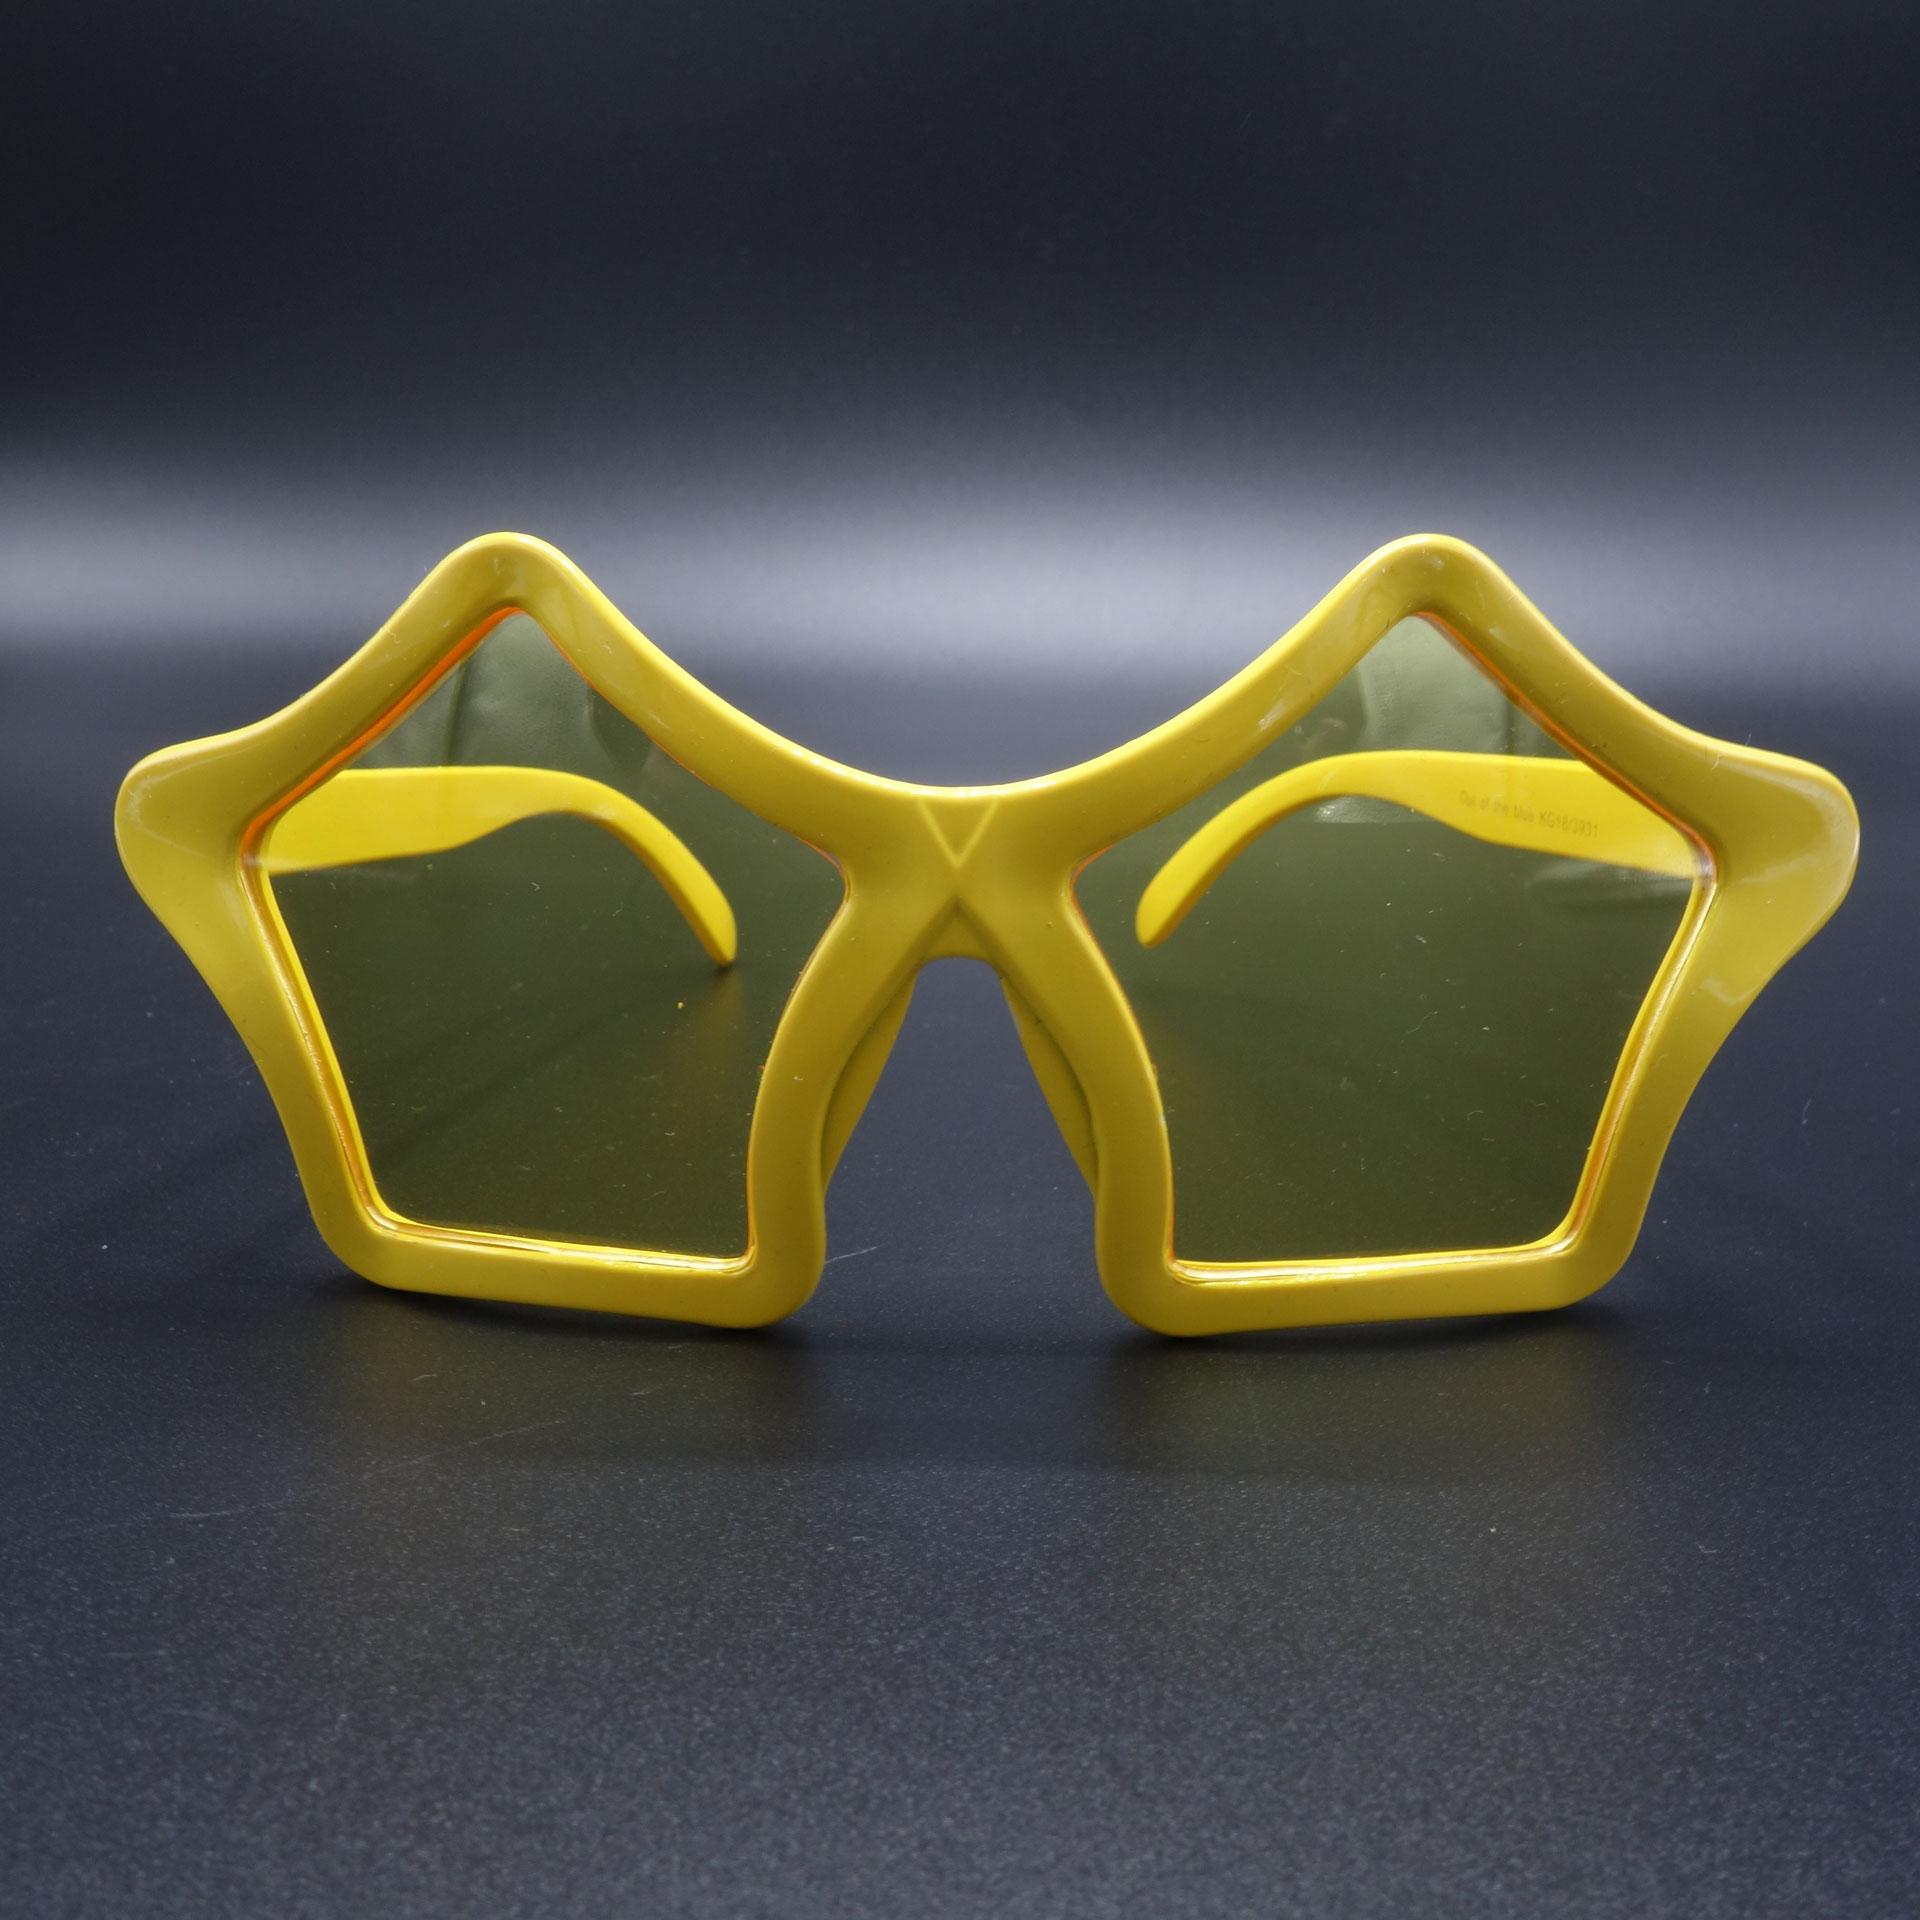 Partybrille Spassbrille Scherzartikel Brille Stern Gelb